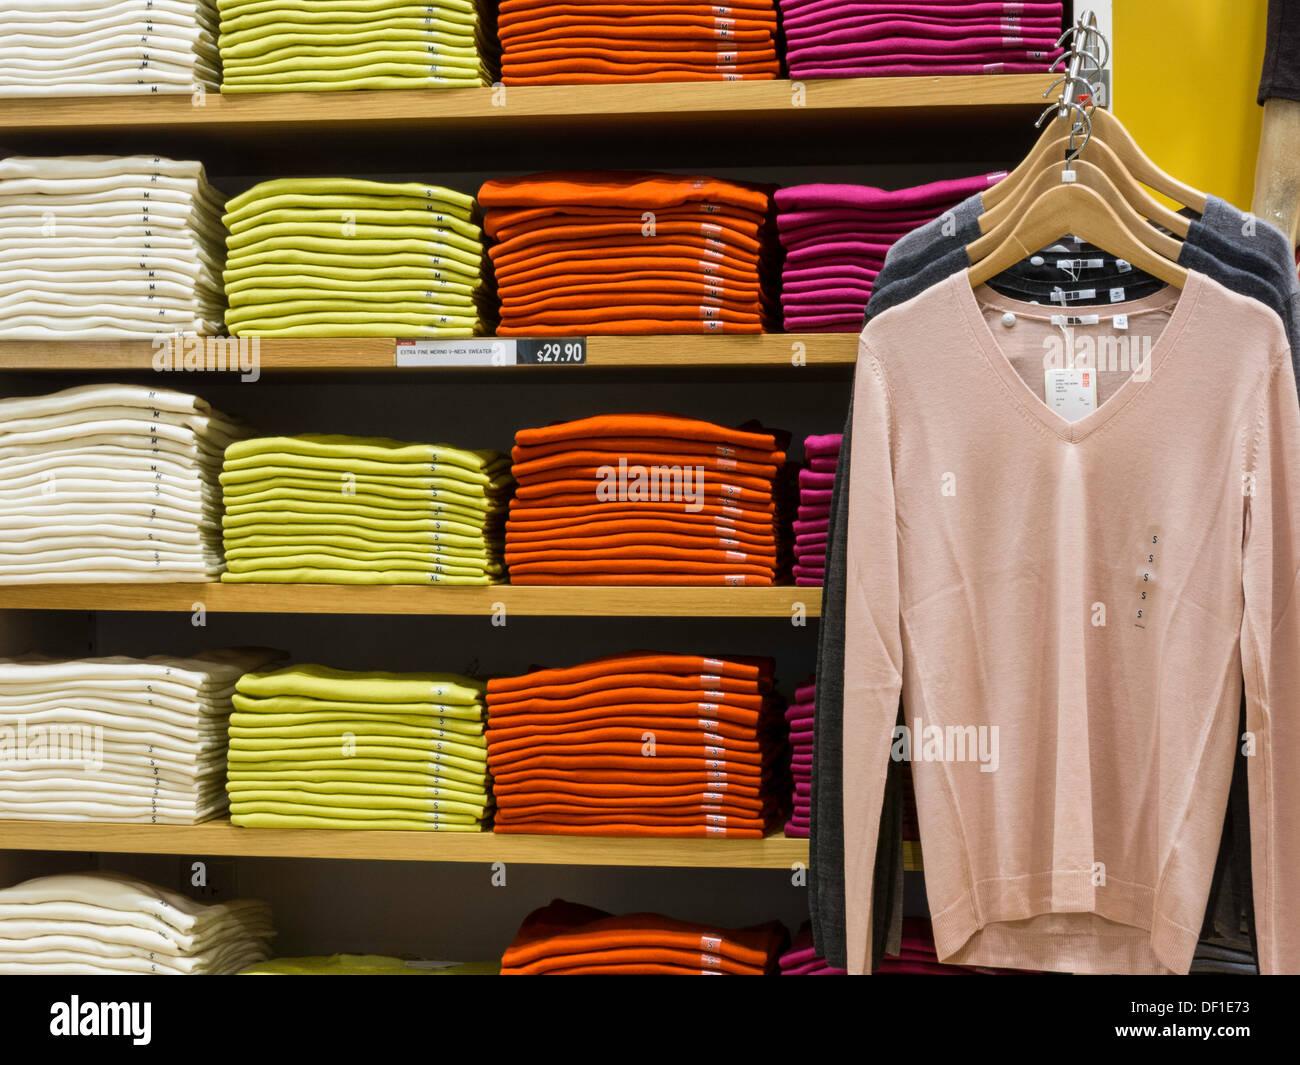 Uni clothing store